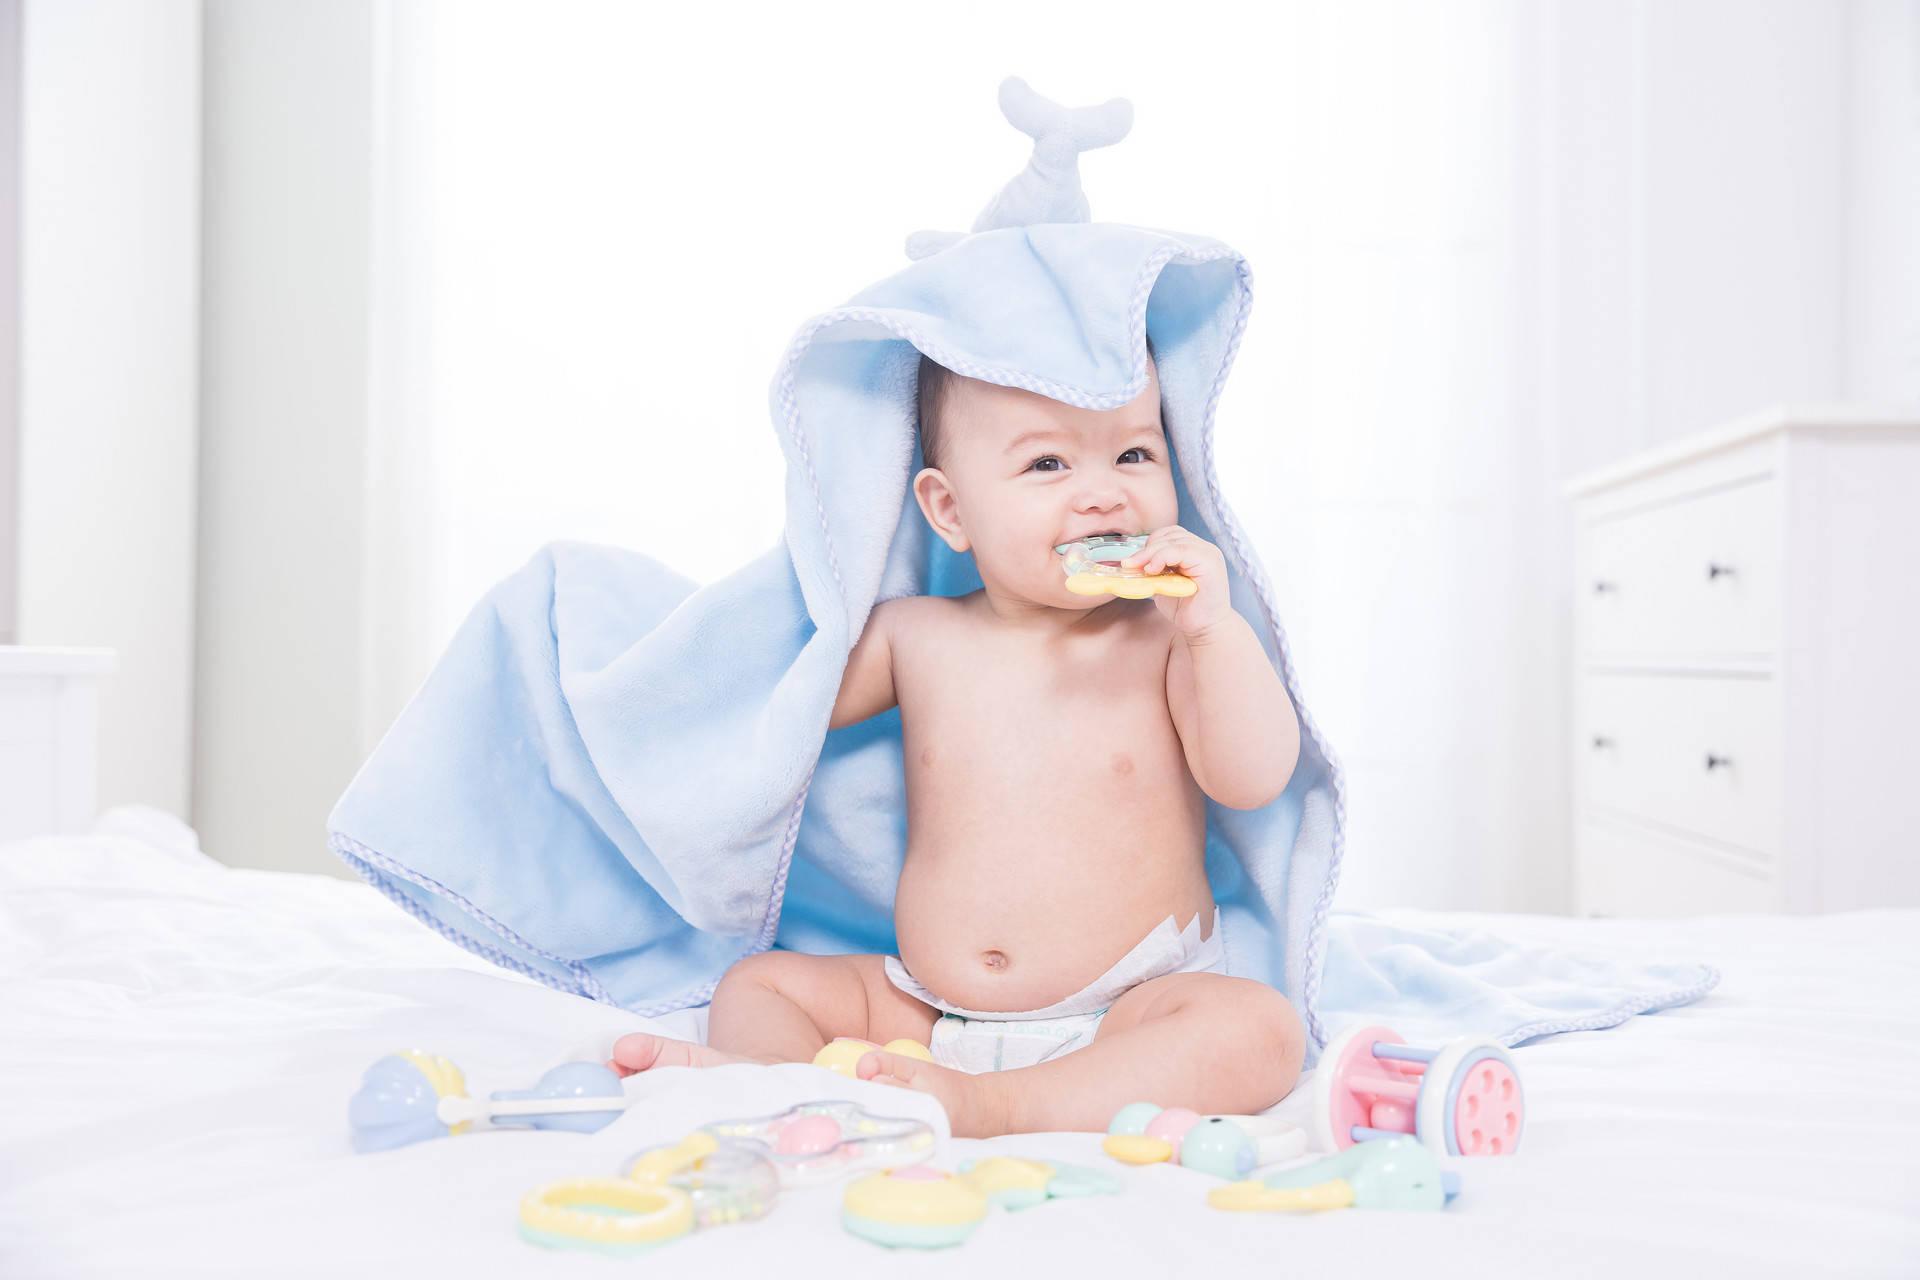 """五个月宝宝开始认生,经历多个""""第一次"""",妈妈用游戏促进娃成长  第3张"""